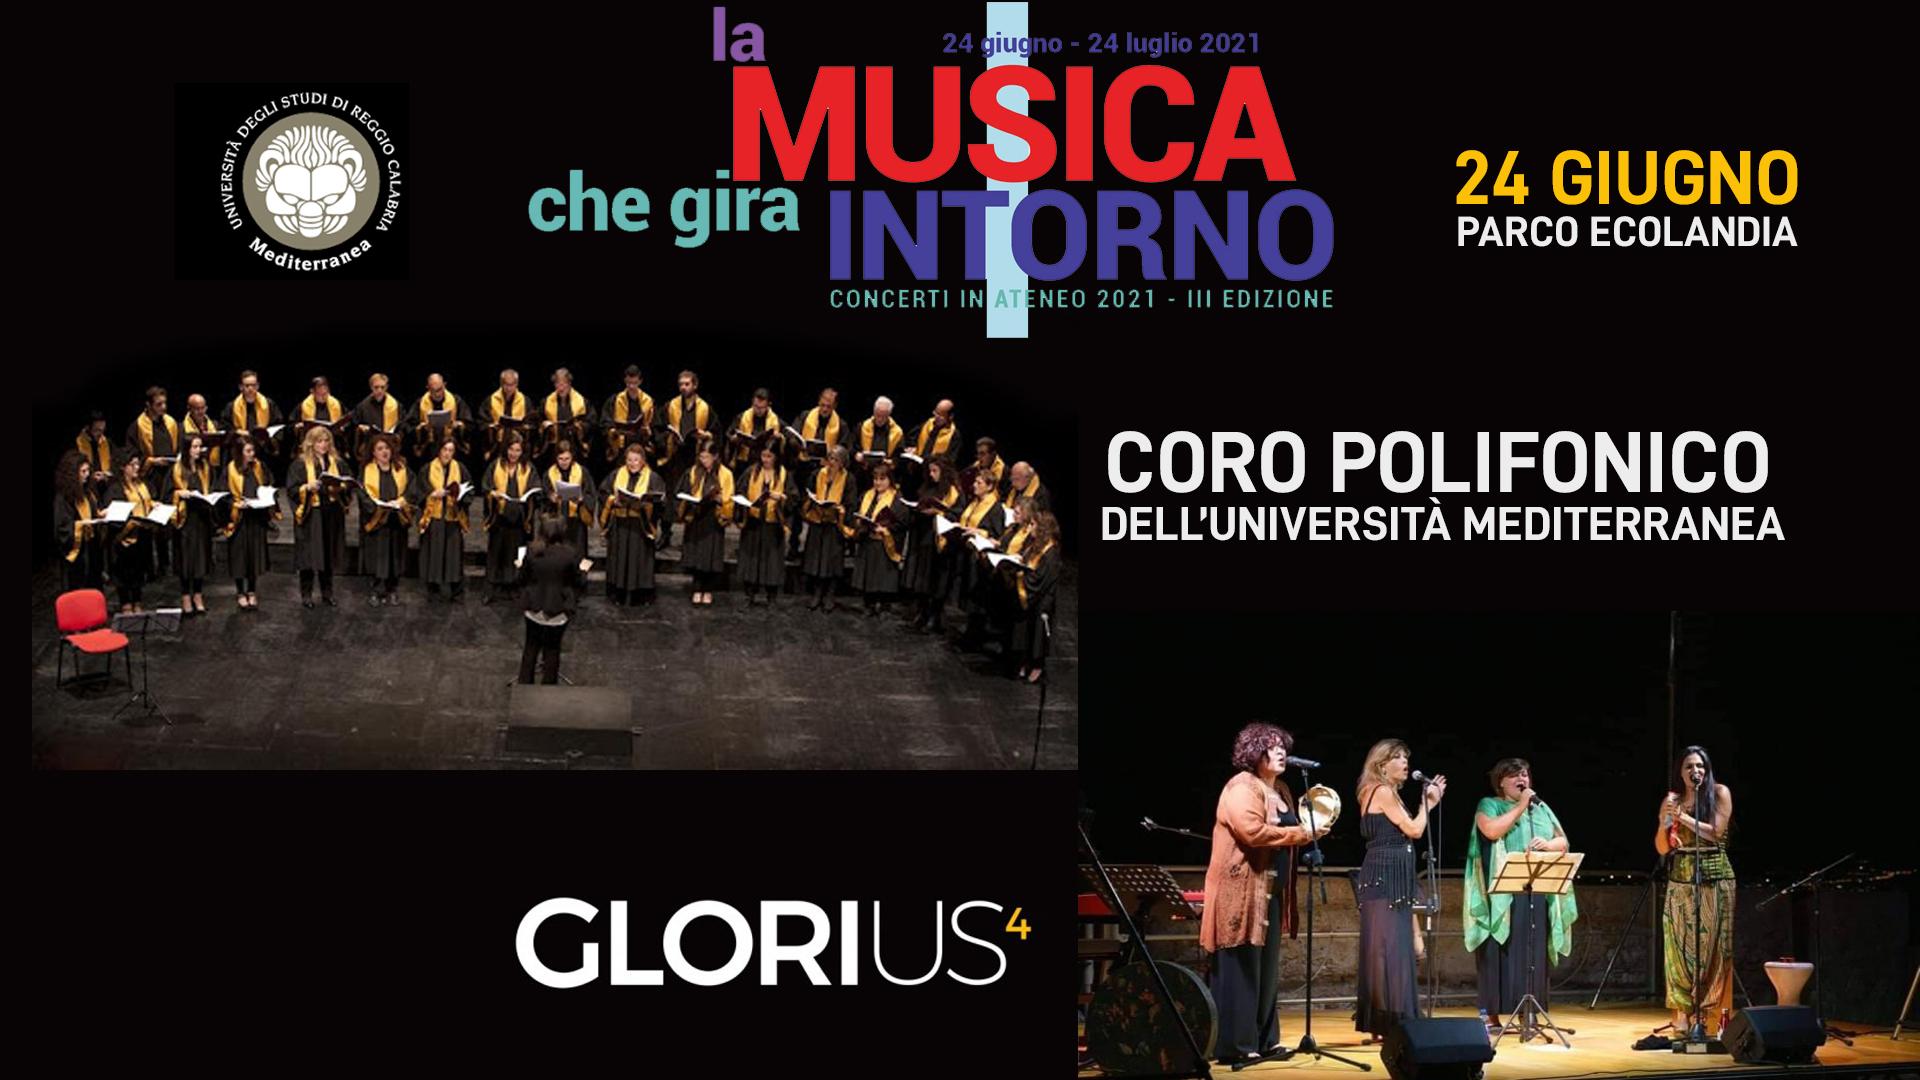 Coro Polifonico dell'Università Mediterranea // Glorius4